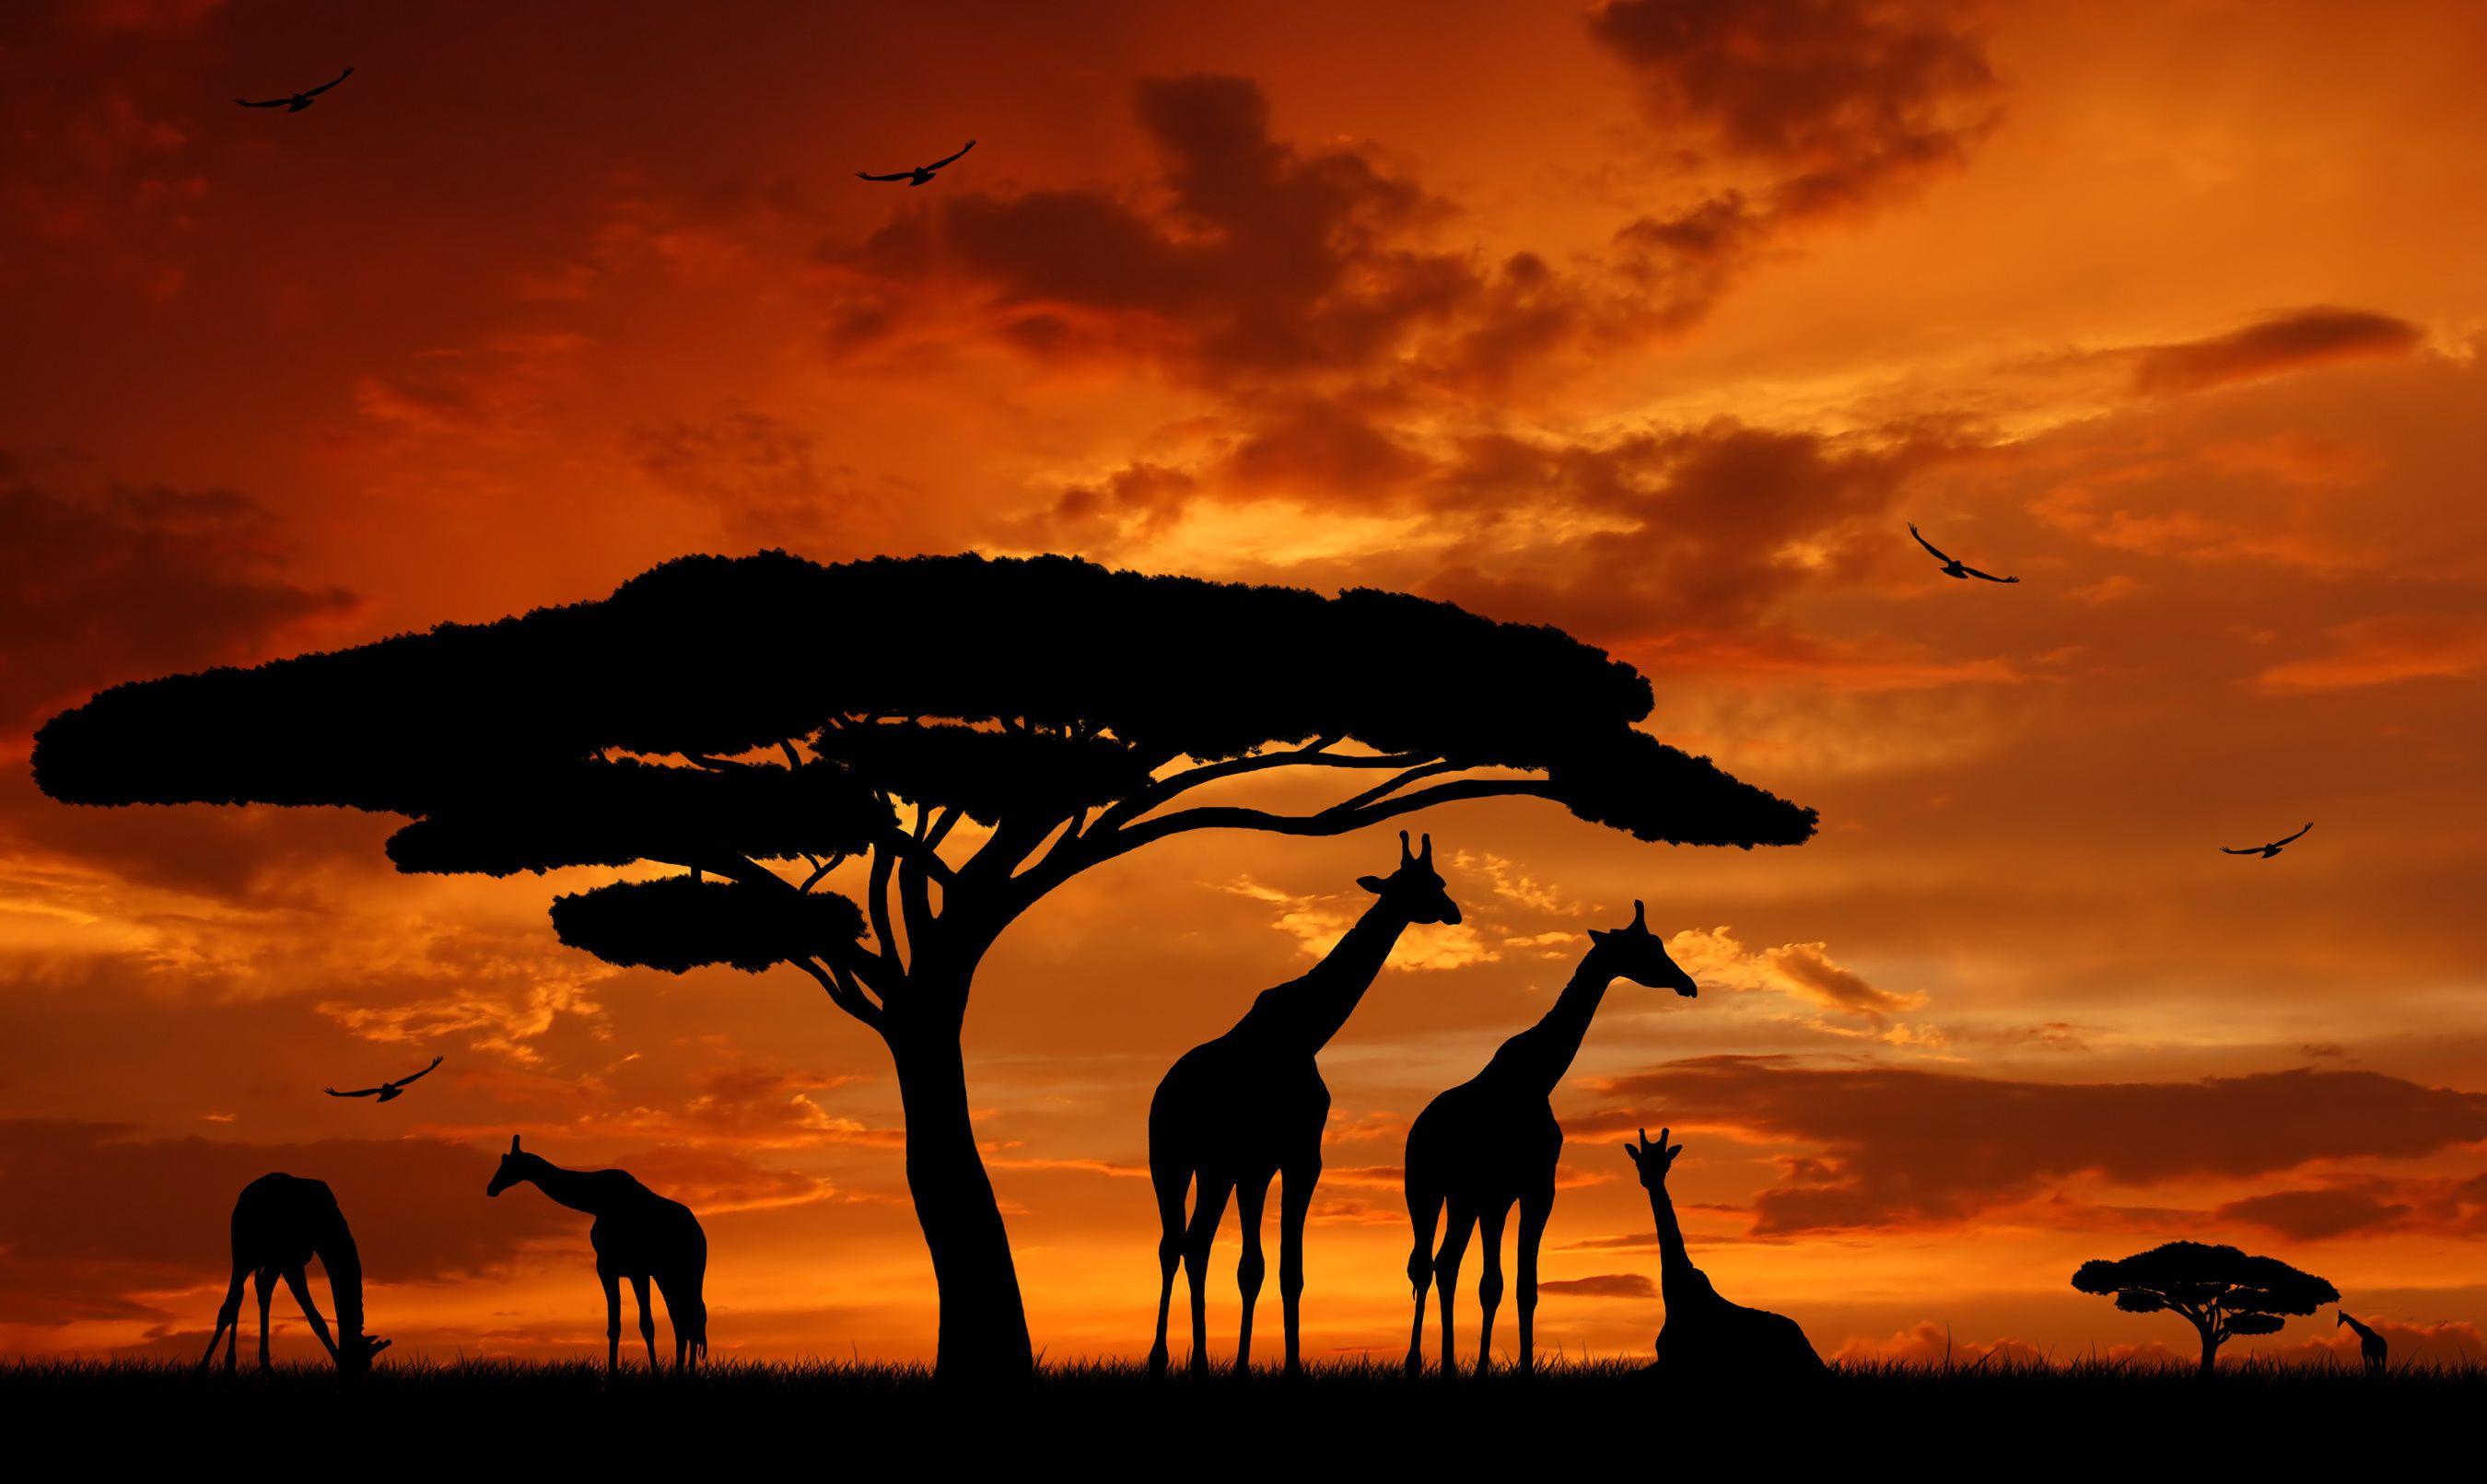 Savane afrique girafes coucher de soleil afrique - Savane dessin ...